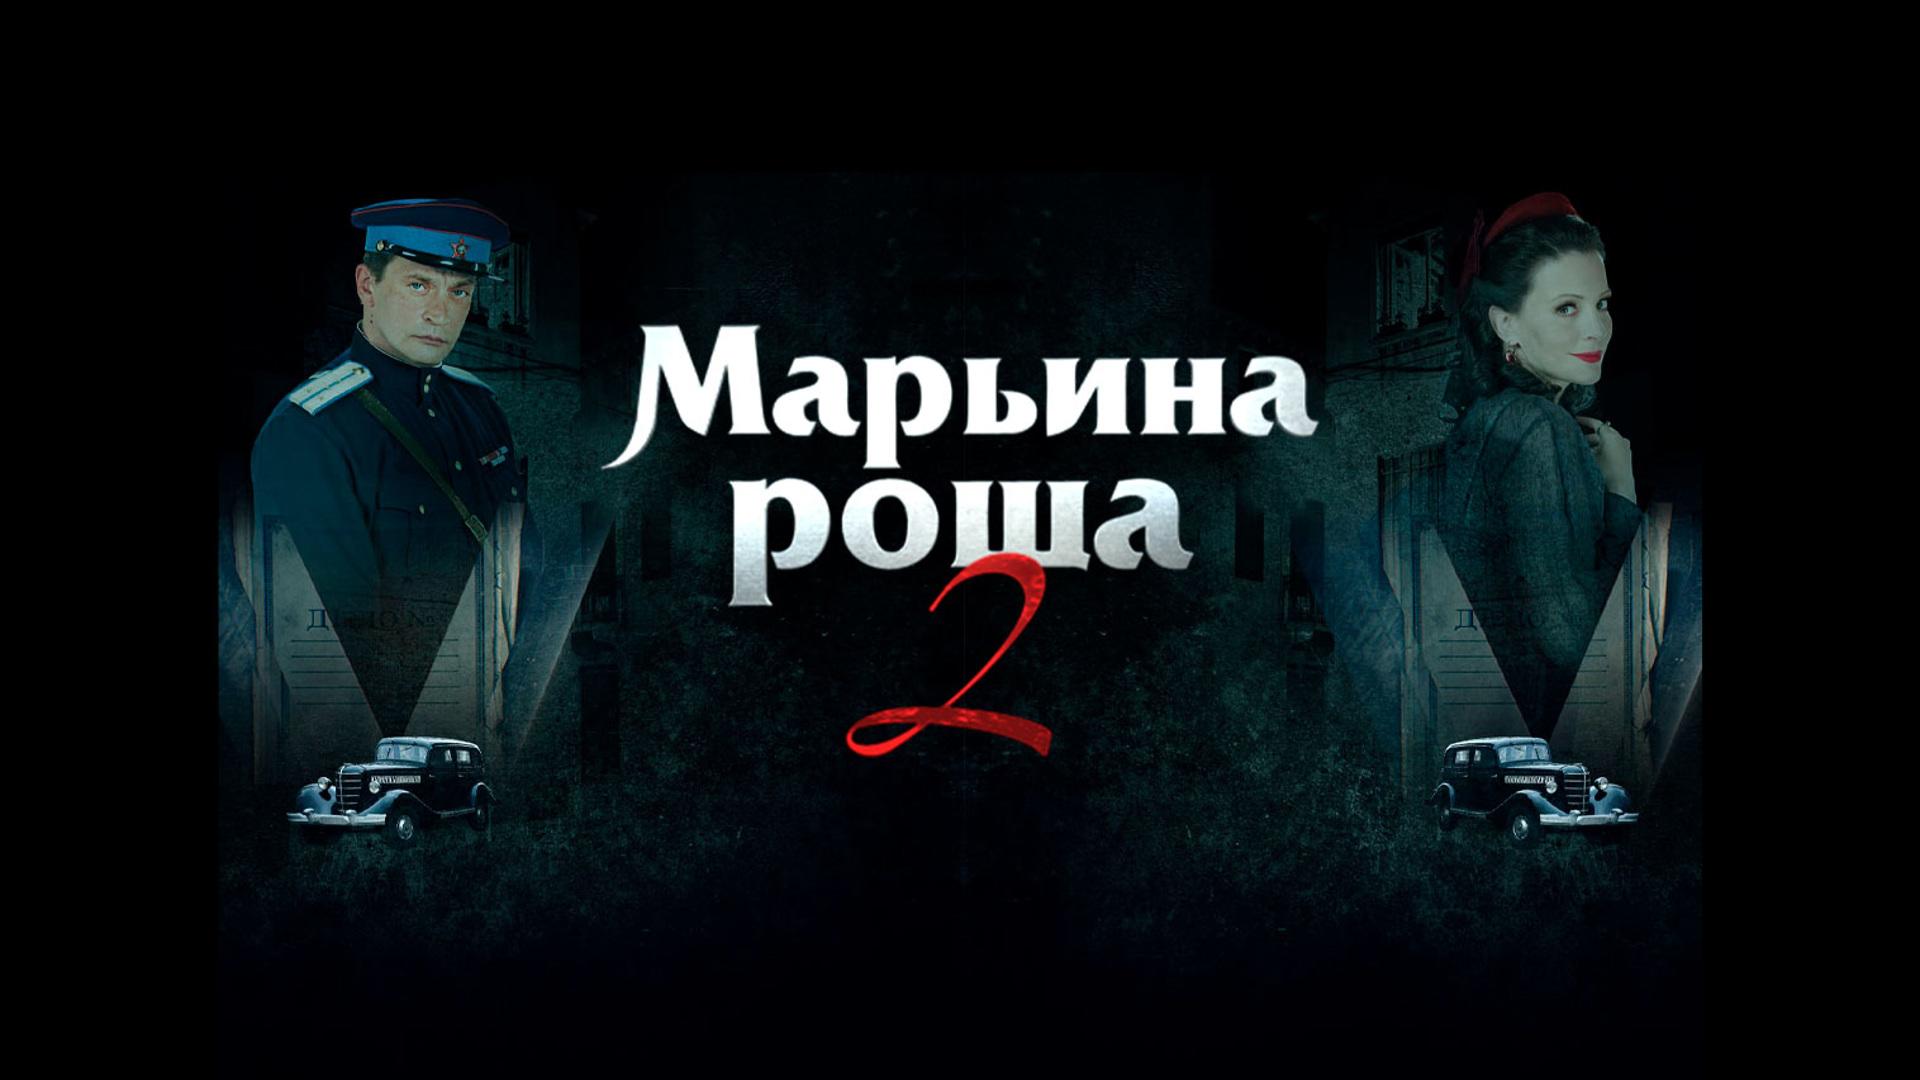 Марьина роща-2